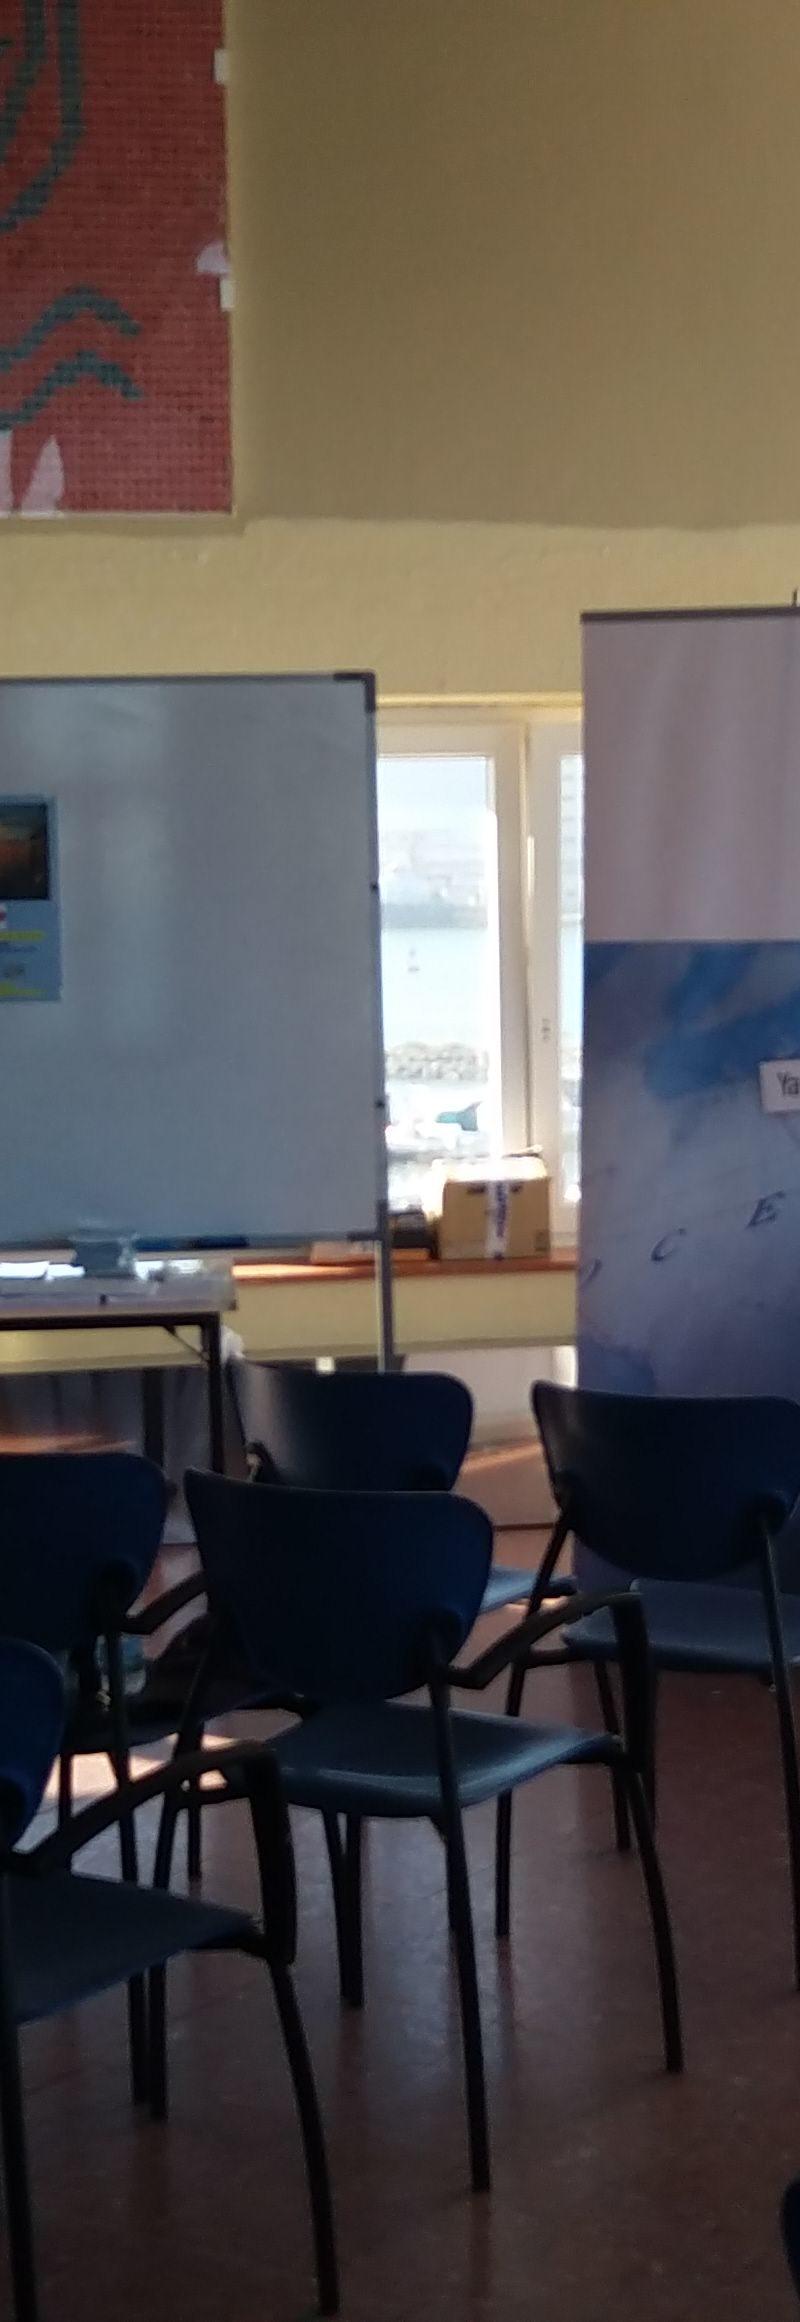 charla sobre el proyecto de modificación de los equipos de seguridad a bordo5